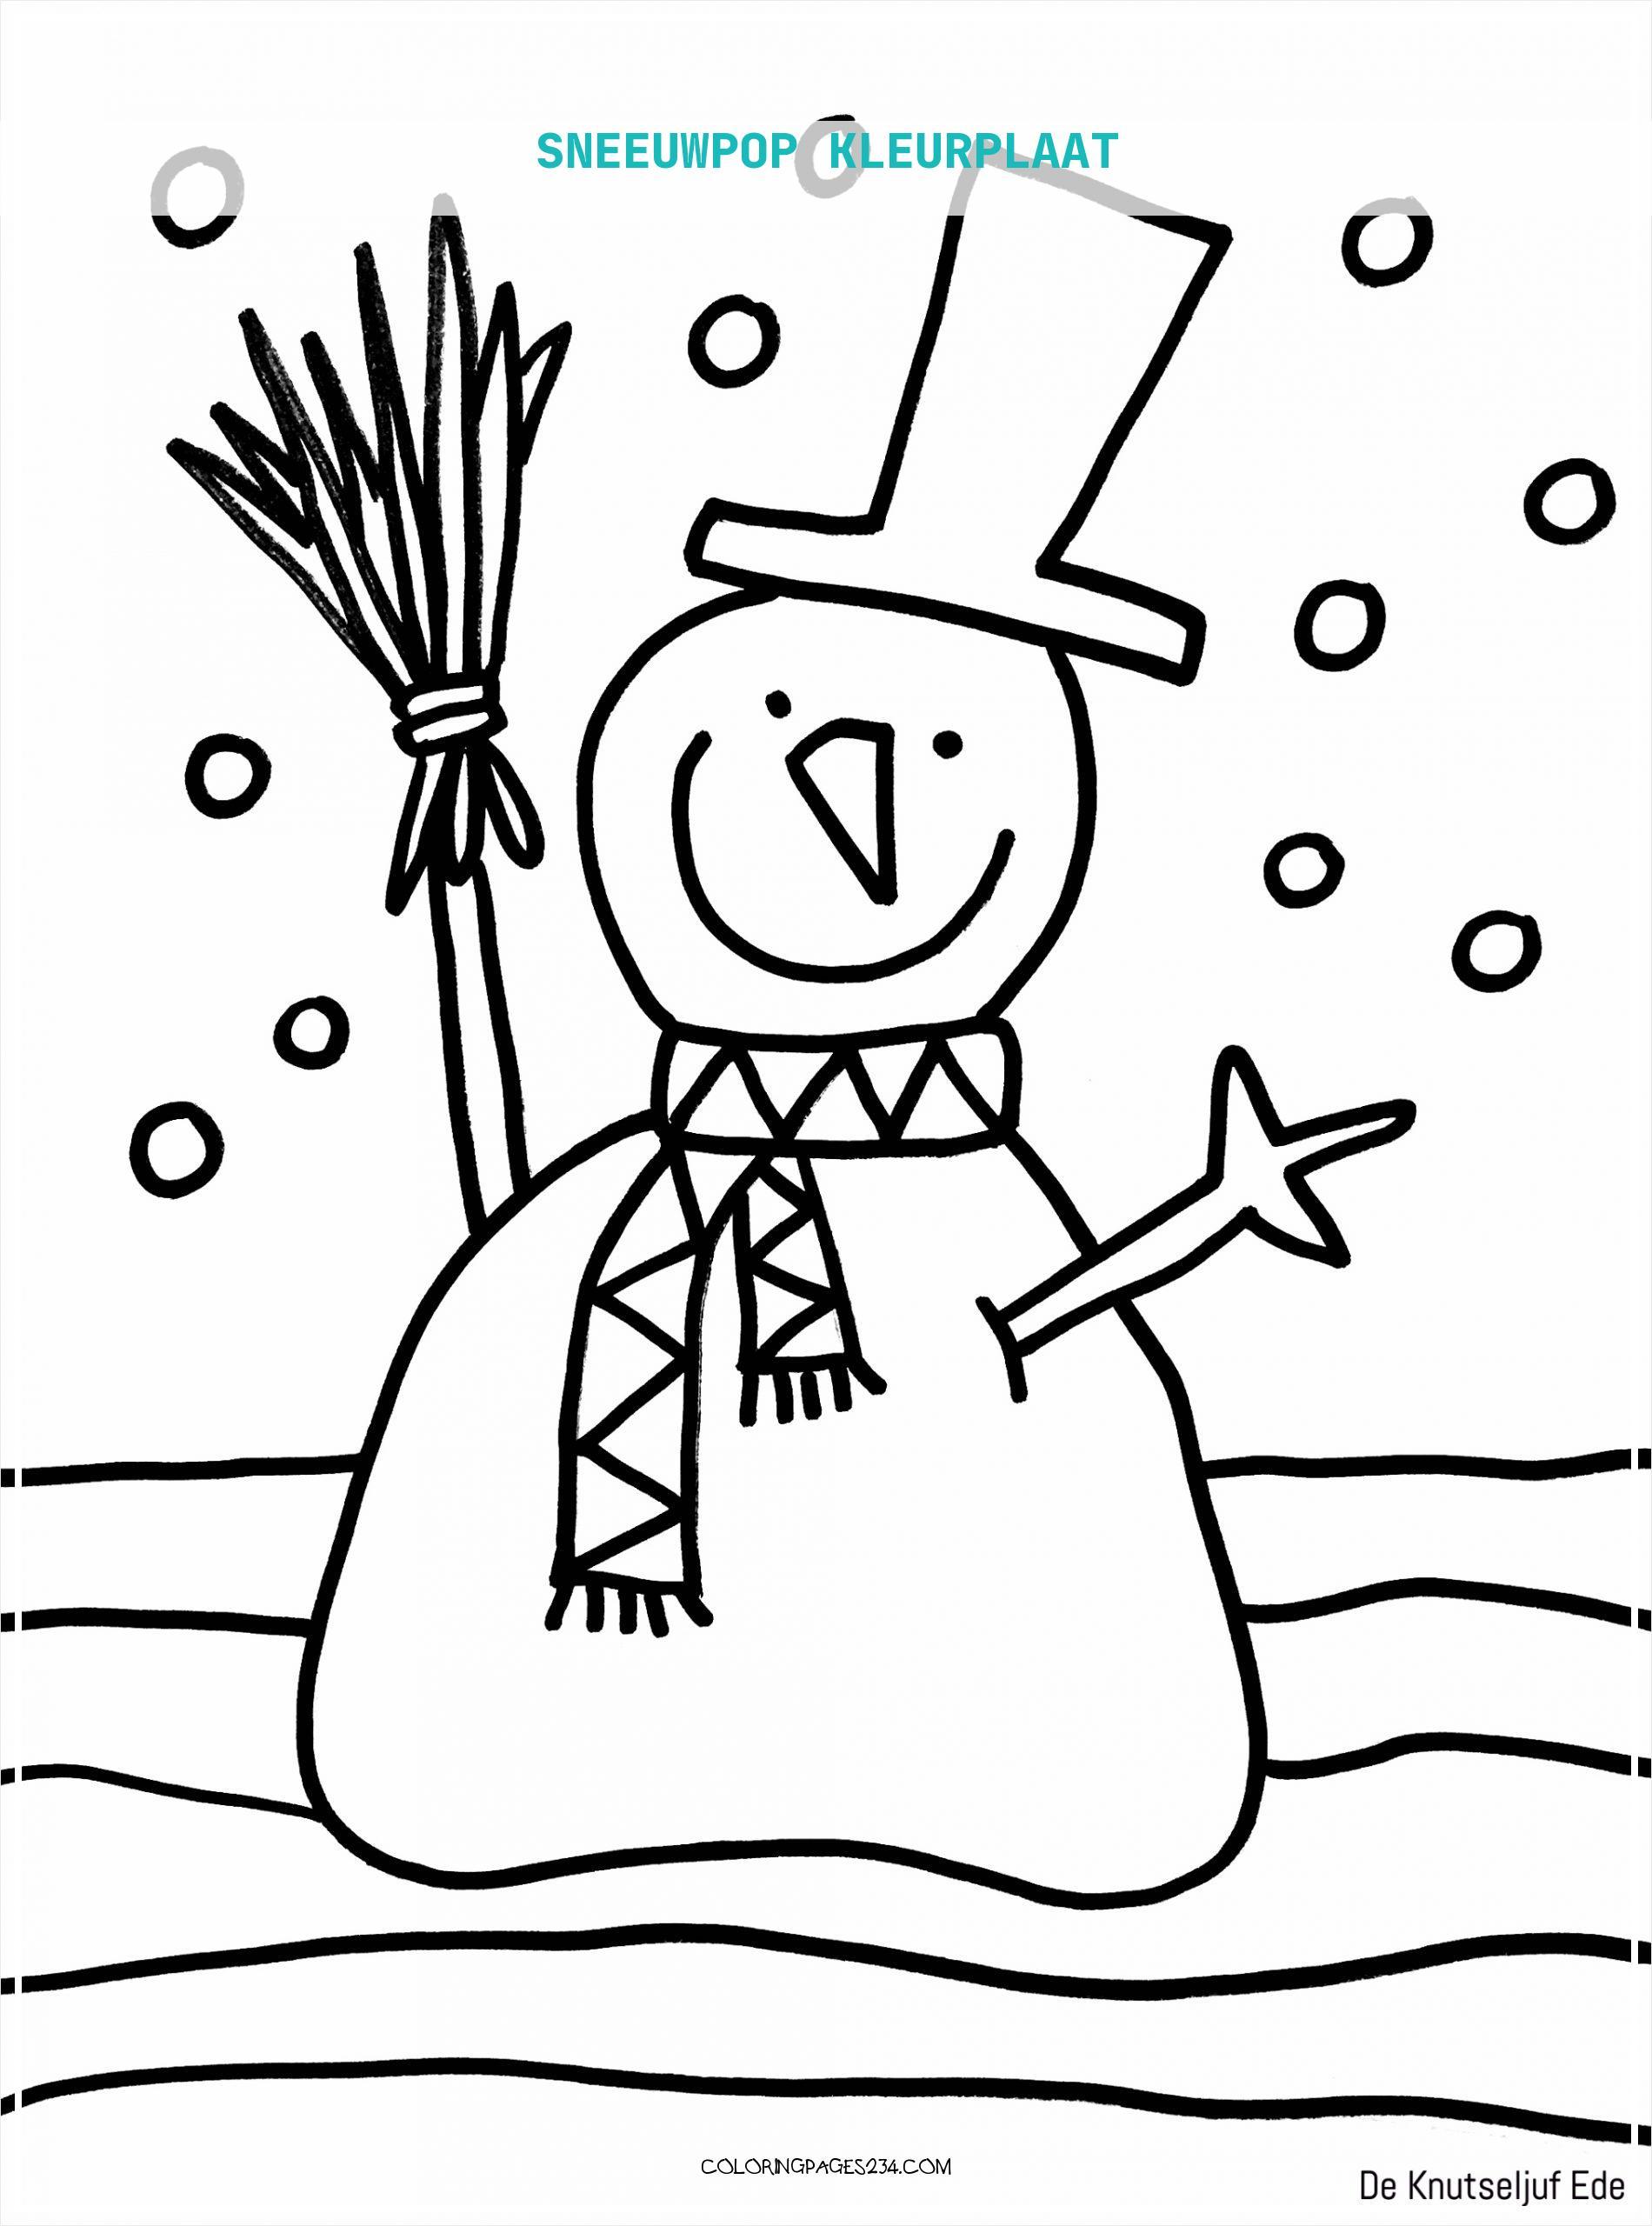 sneeuwpop kleurplaat kleurplaten234